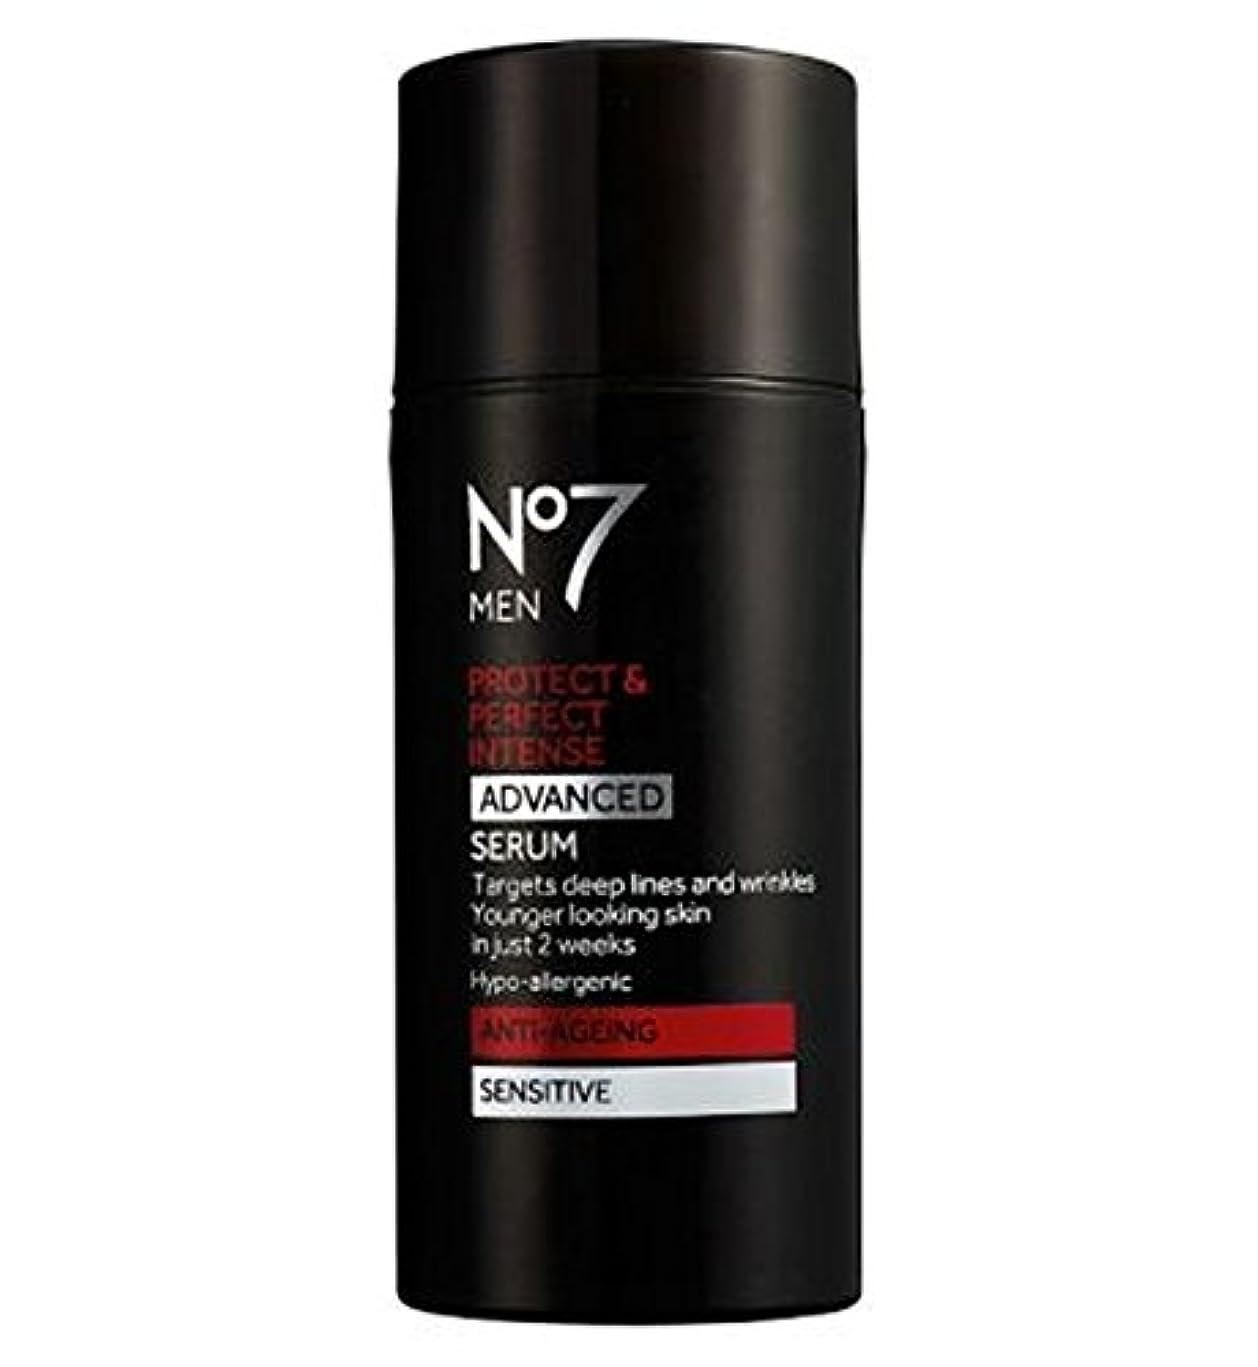 安全でないメッセージ居心地の良いNo7の男性は強烈な高度な血清を保護&完璧 (No7) (x2) - No7 Men Protect & Perfect Intense ADVANCED Serum (Pack of 2) [並行輸入品]